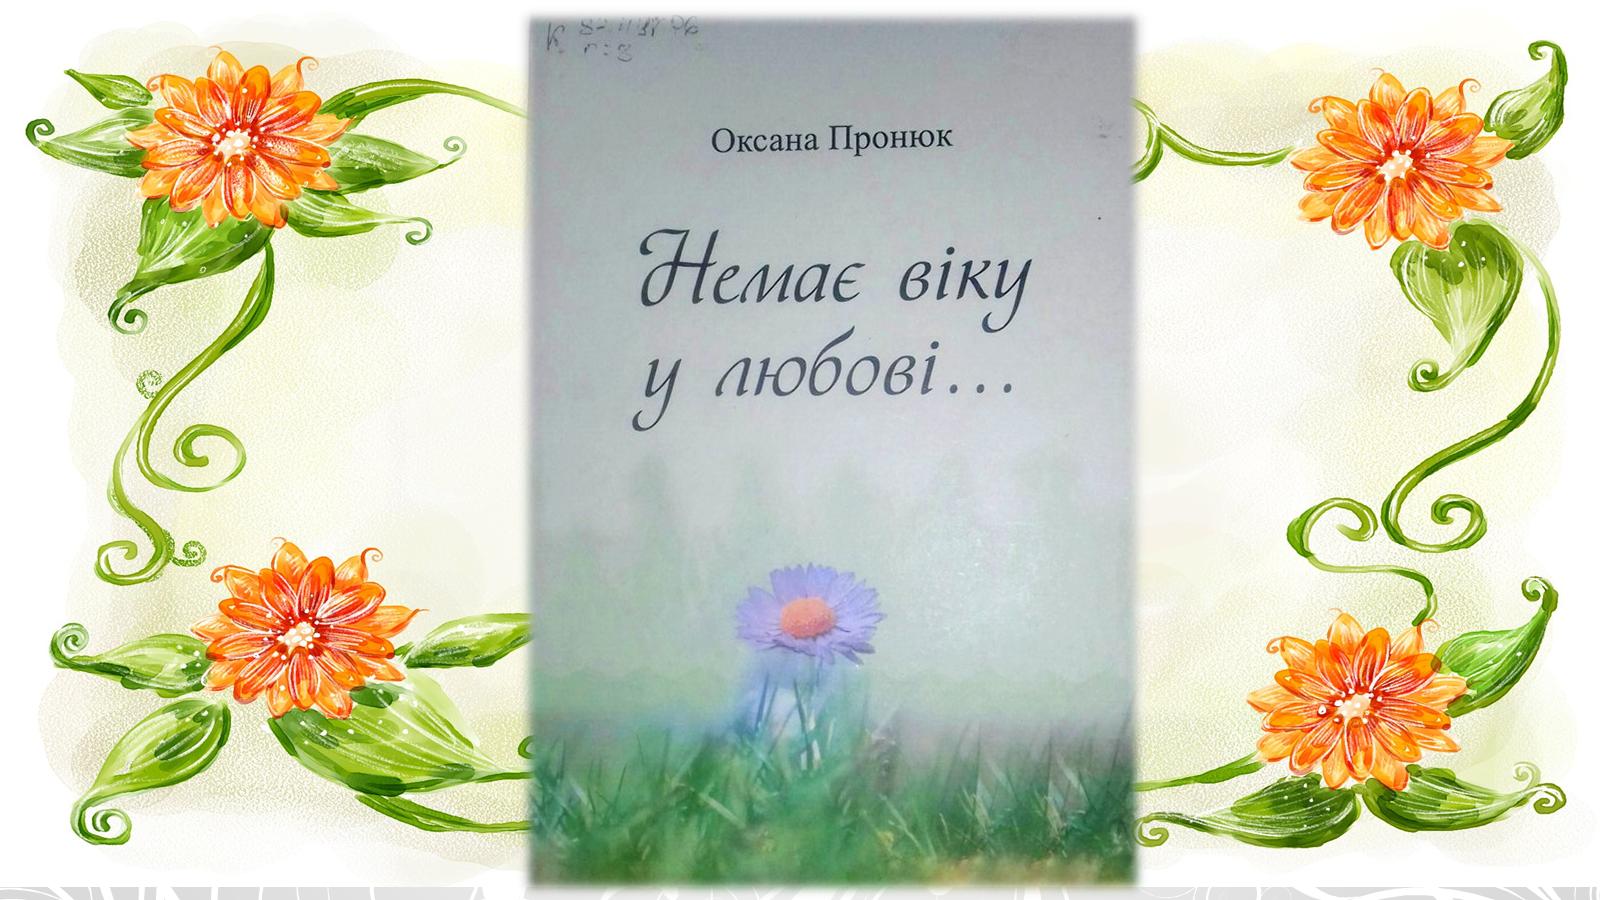 """Дивовижний світ літературної творчості  Оксани Пронюк   """"Немає віку у любові… """""""